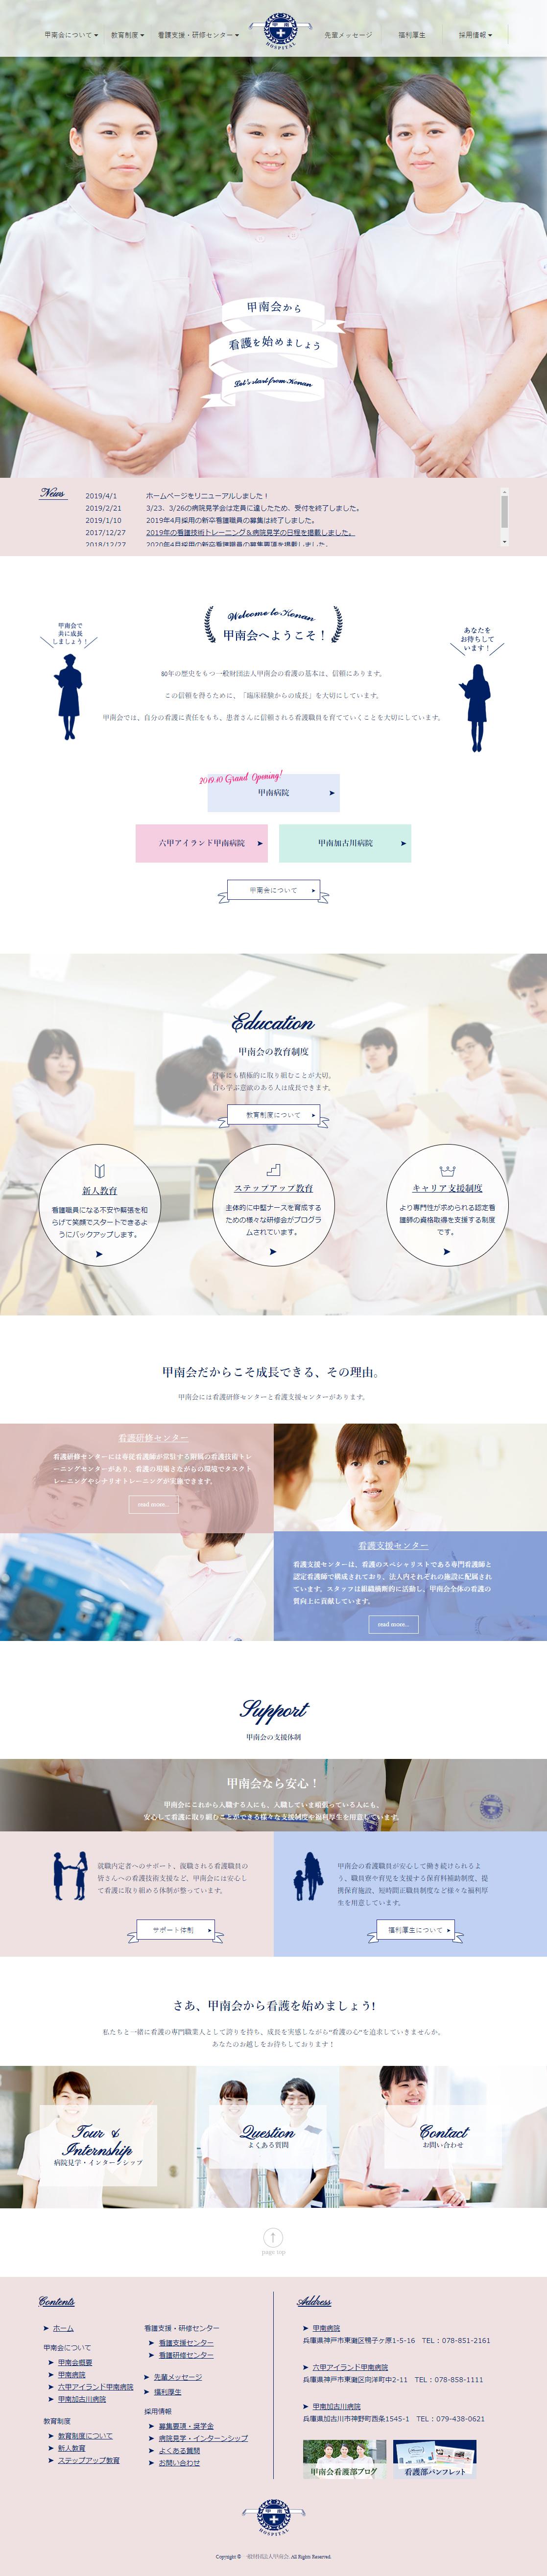 2018年4月作成「甲南会」看護部サイト